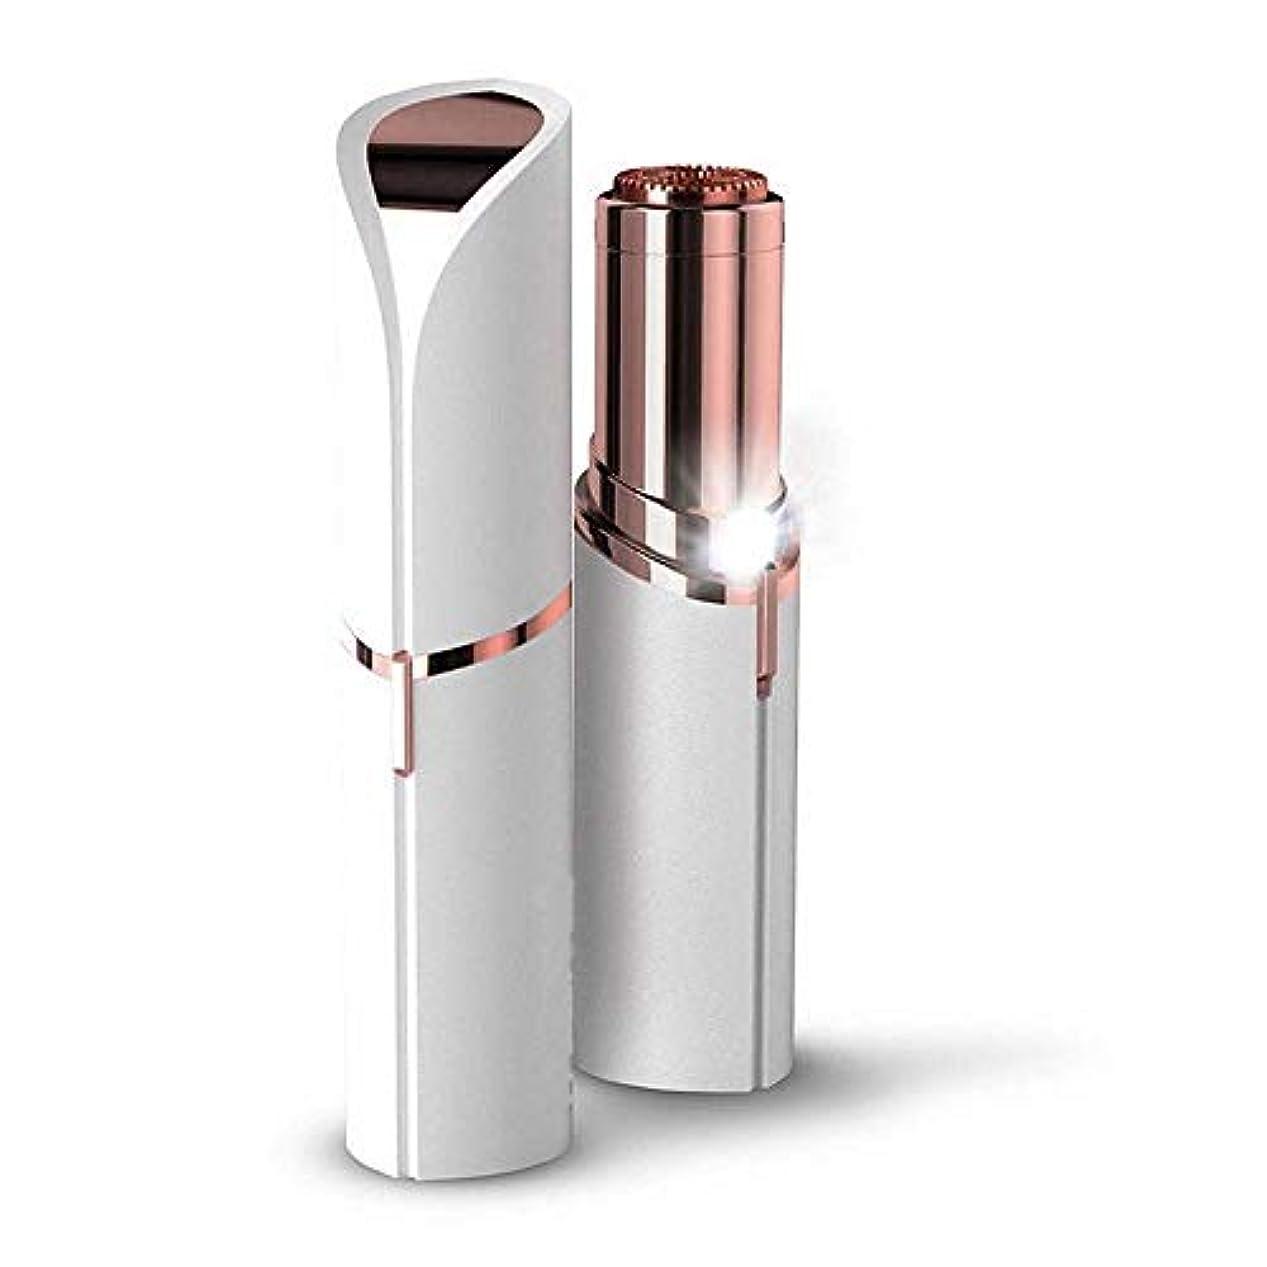 家庭用光子レーザー脱毛装置、凝固点、脚脱毛機、男性と女性、ボディ、ヘア、リップ、ヘア、プライベートパーツ、パーマネント